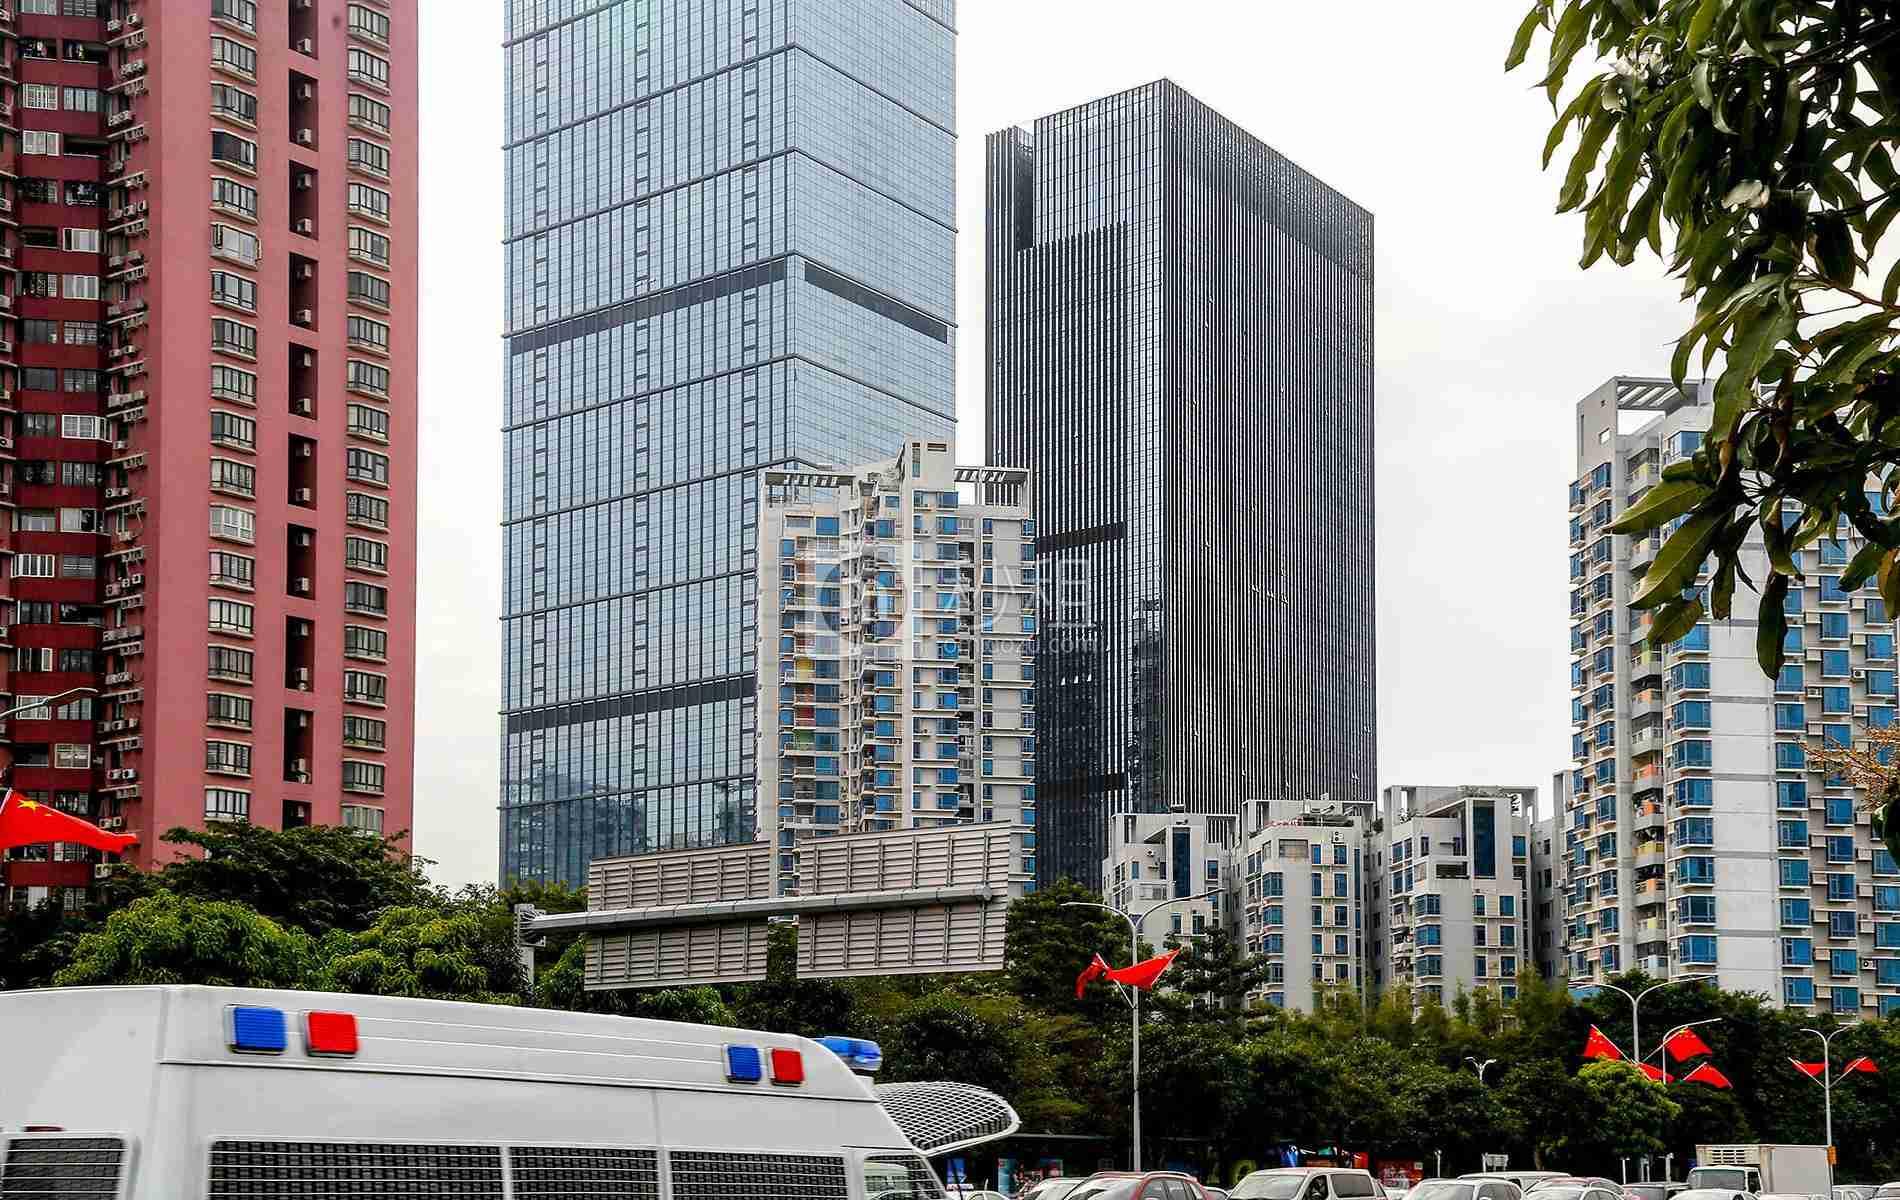 地铁大厦写字楼出租/招租/租赁,地铁大厦办公室出租/招租/租赁